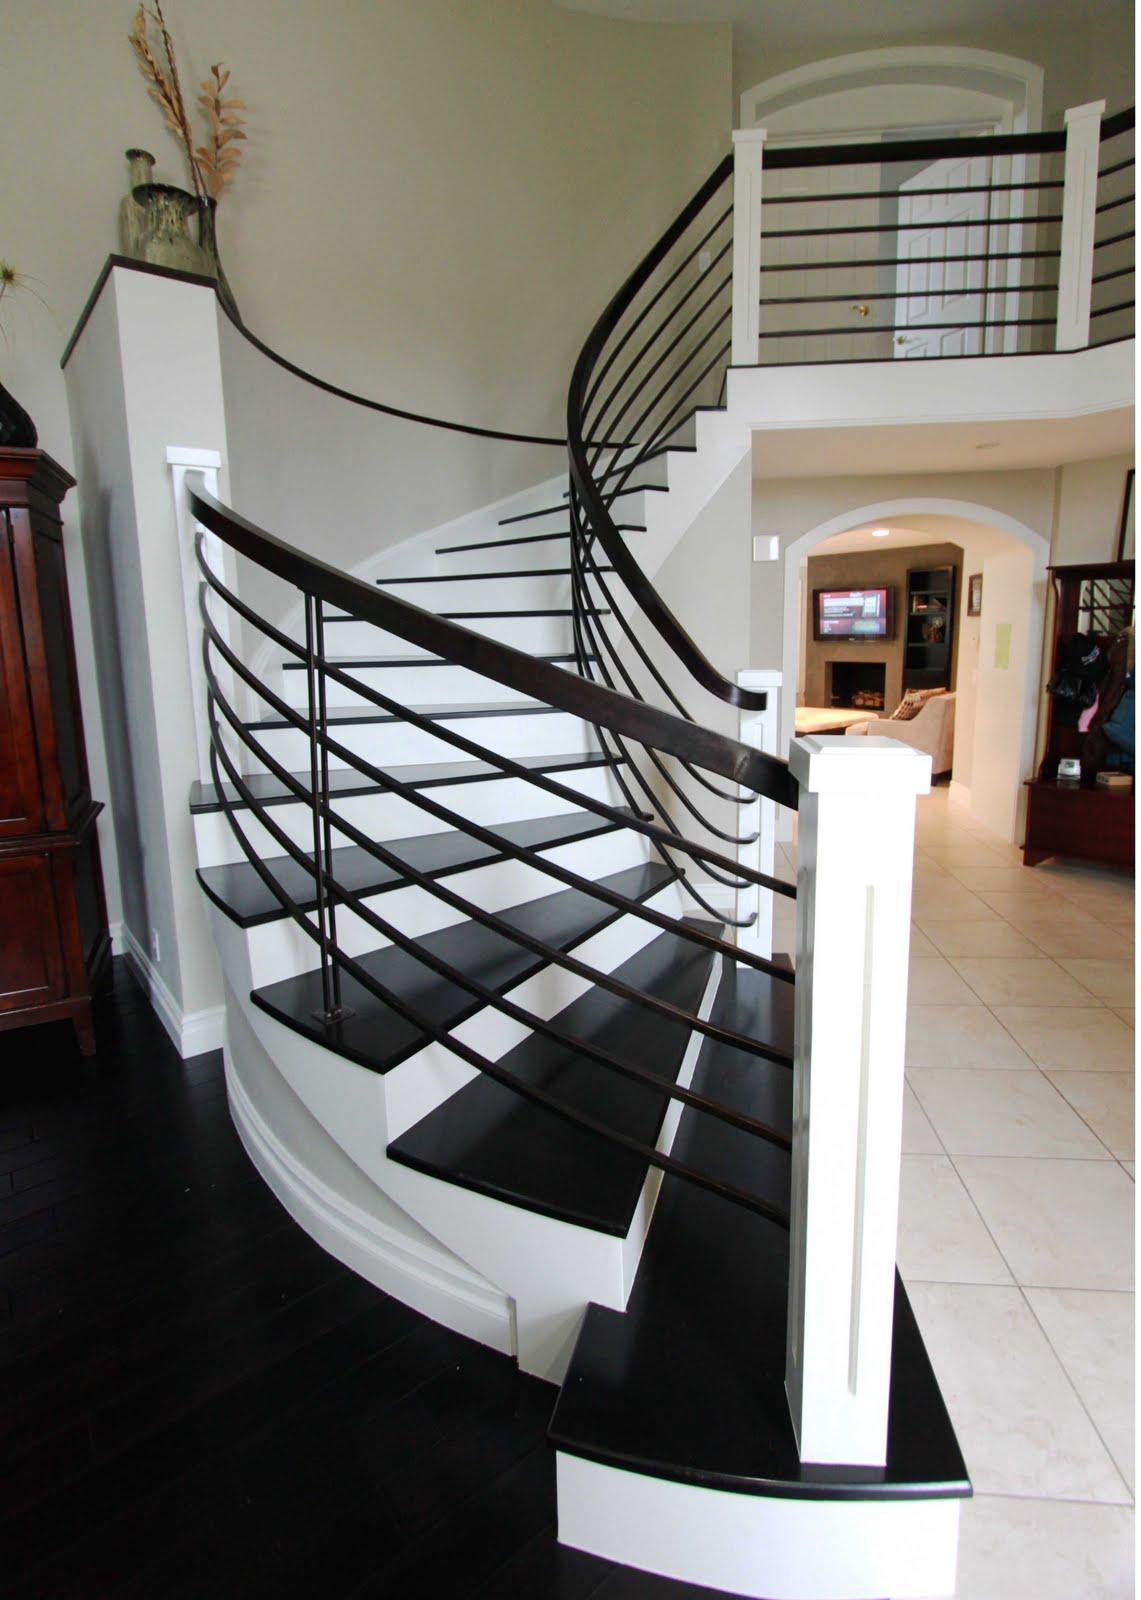 Stiles Fischer Interior Design Stairway To Heaven | Stairs For House Design